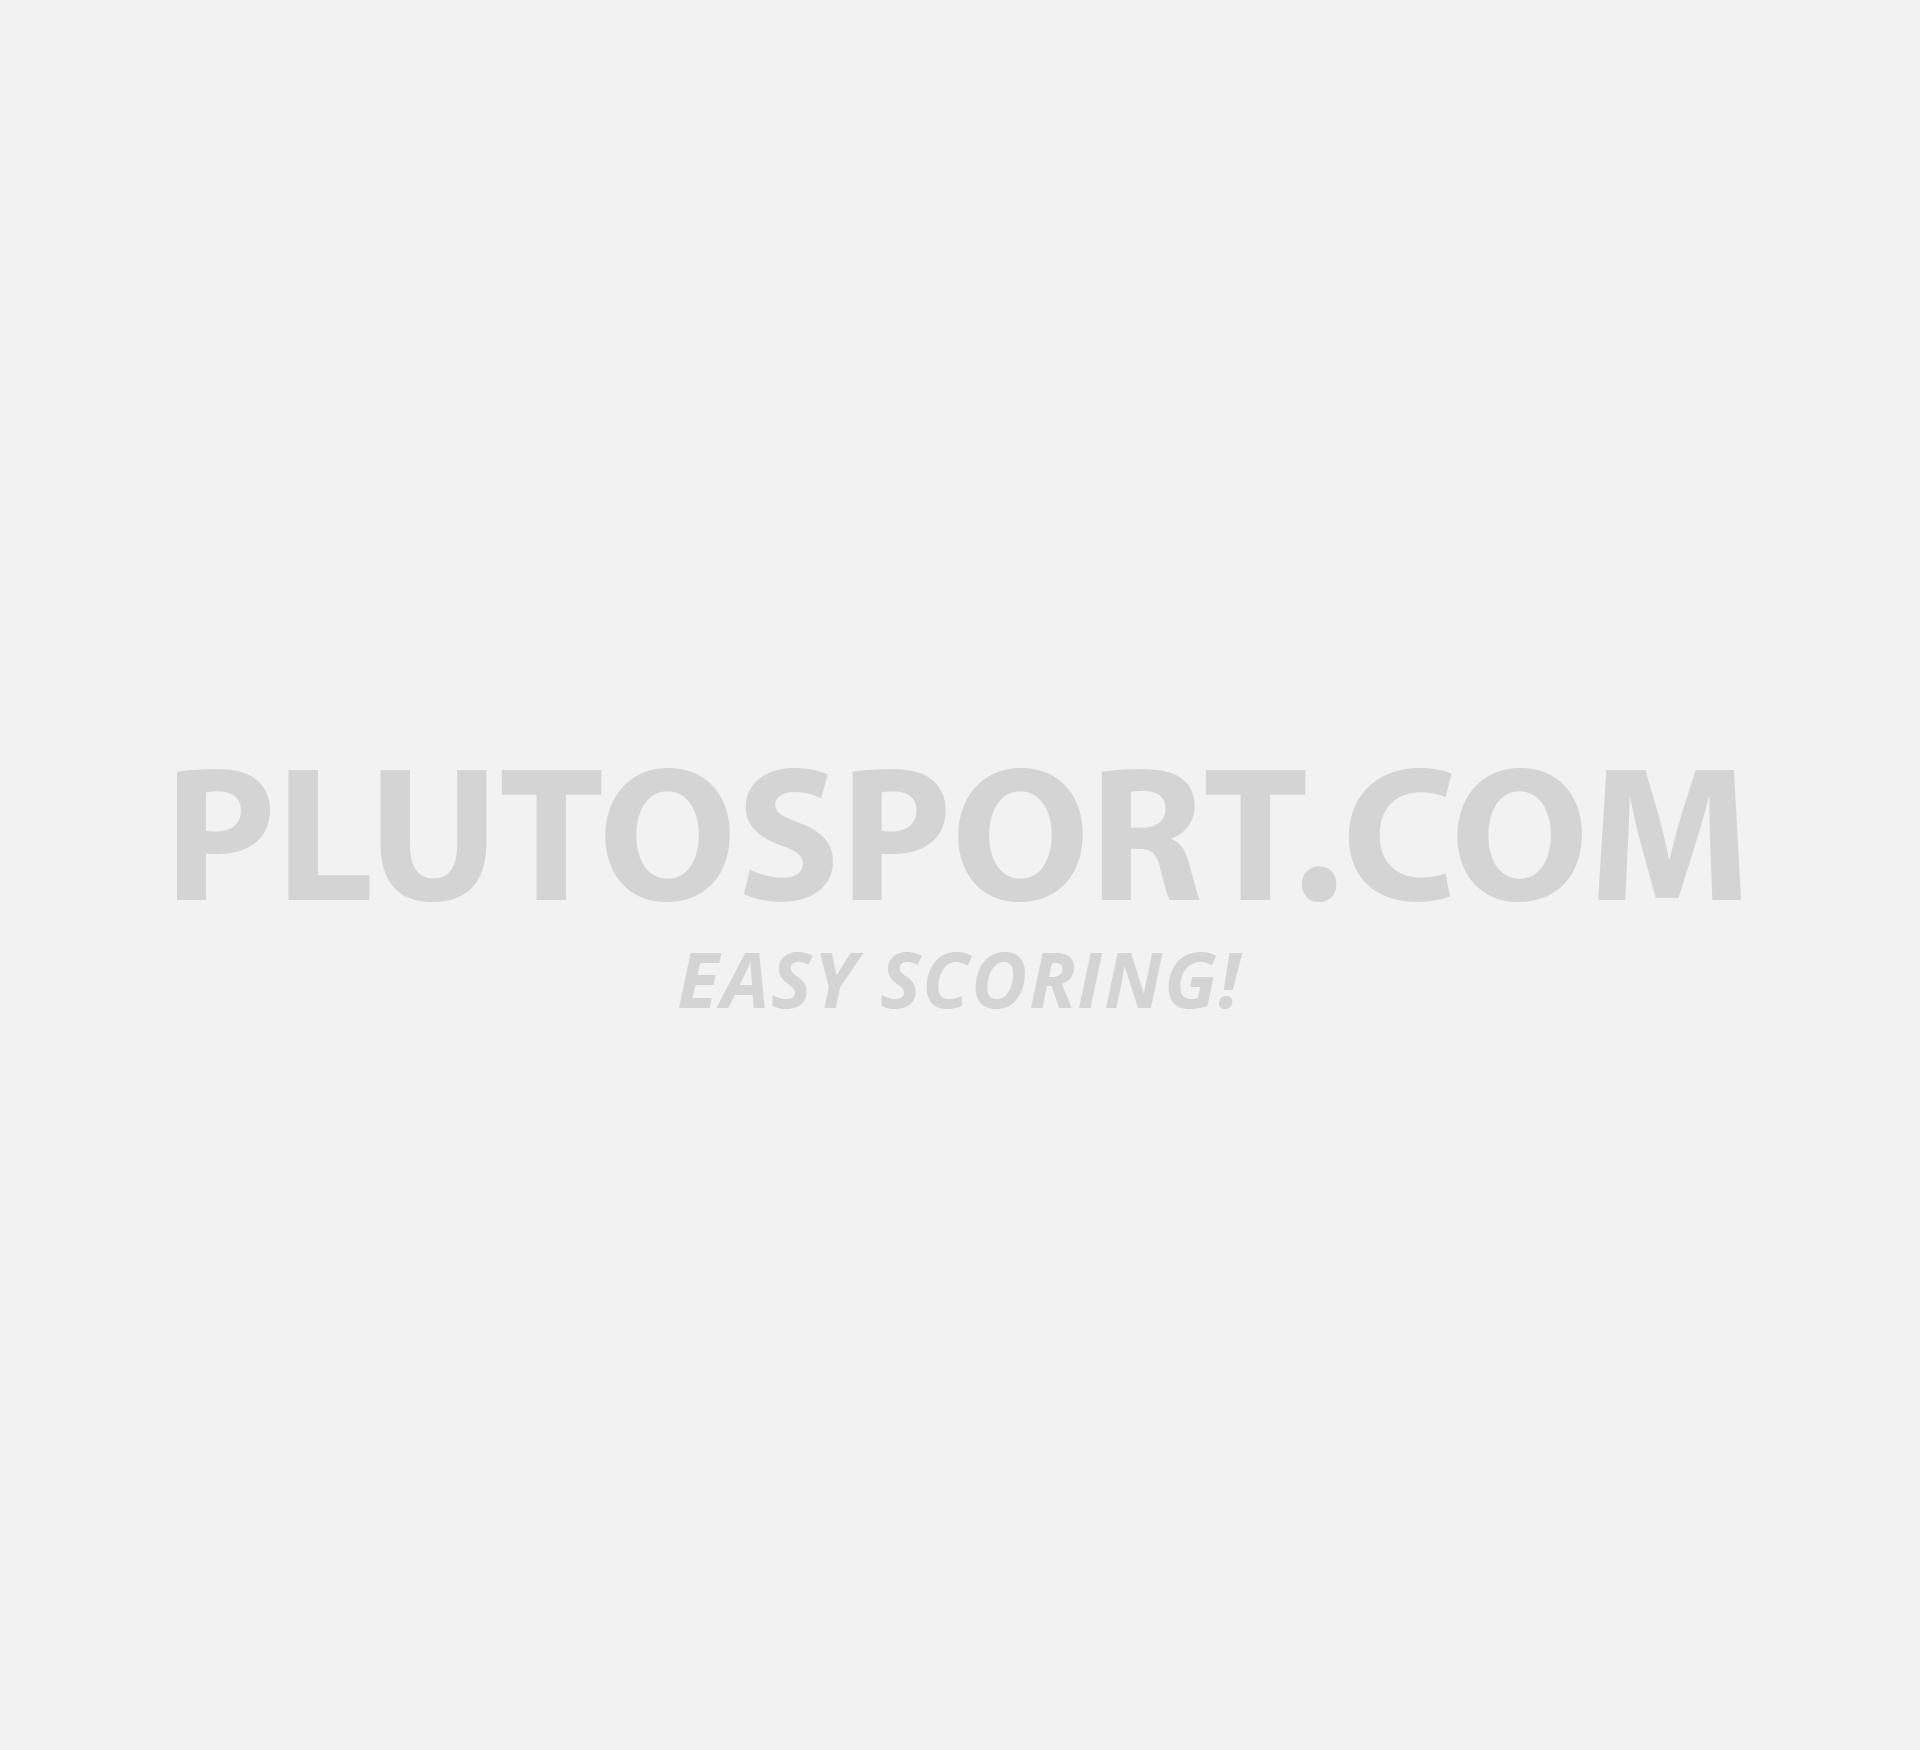 f5d24daedd6 Plutosport Ultra W Trail Running Salomon 2 Gtx X Shoes Sports FqRIAw5zAx